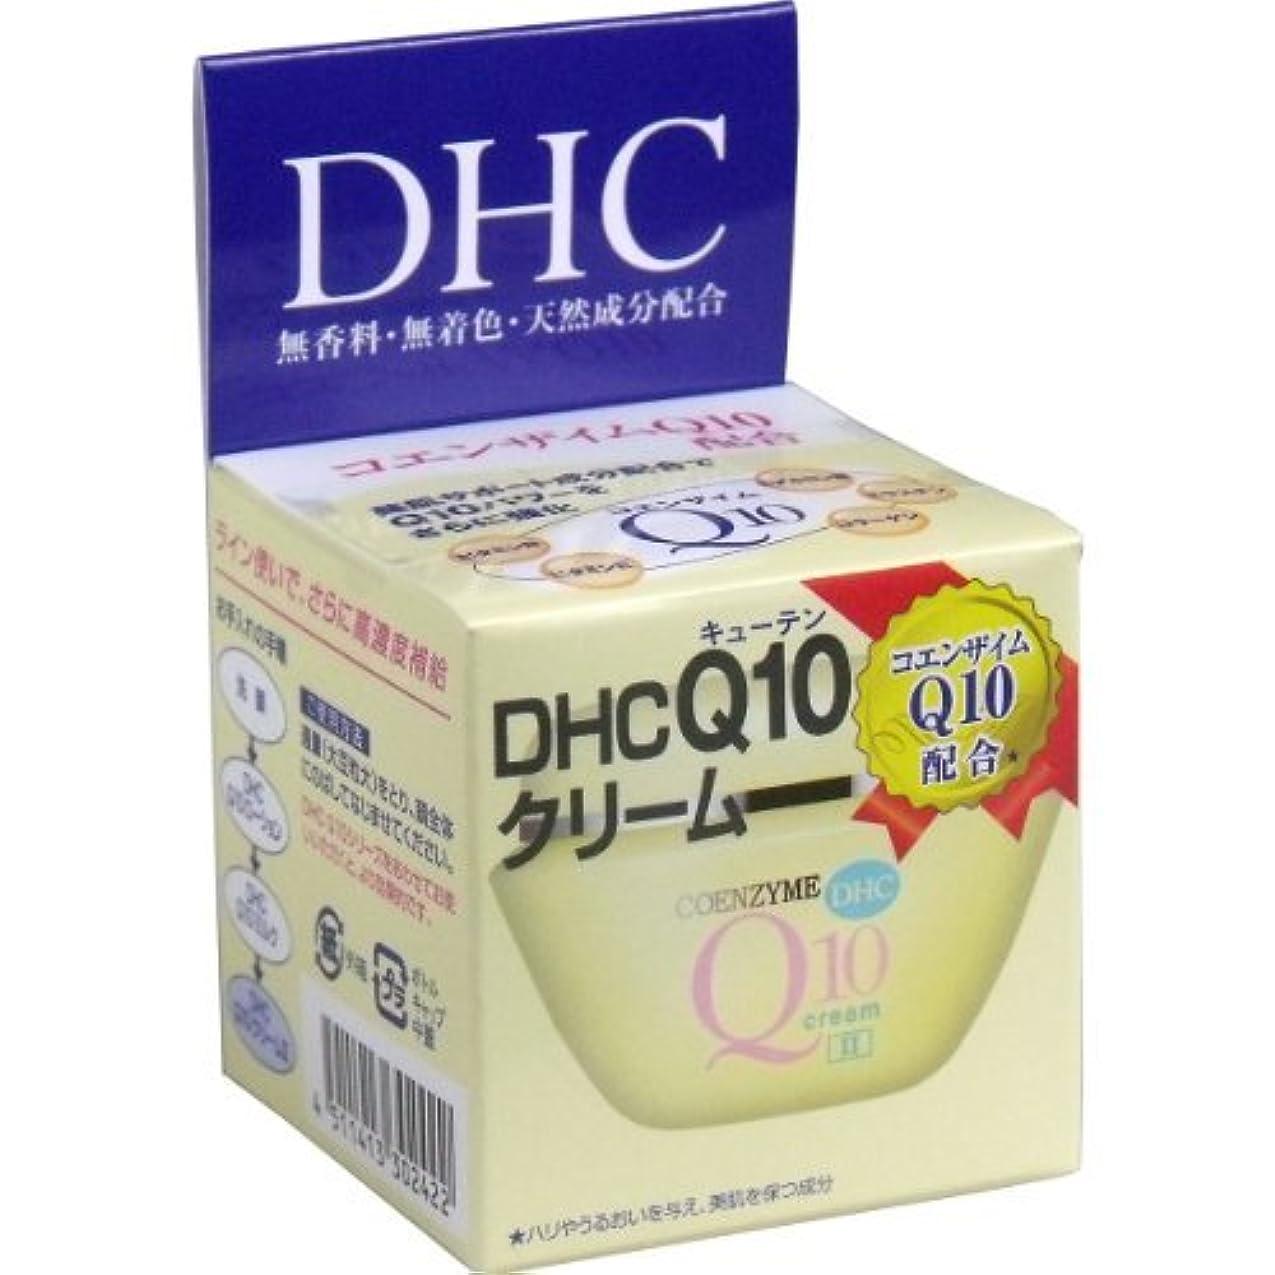 彫刻怒り避難【DHC】DHC Q10クリーム2 (SS) 20g ×5個セット